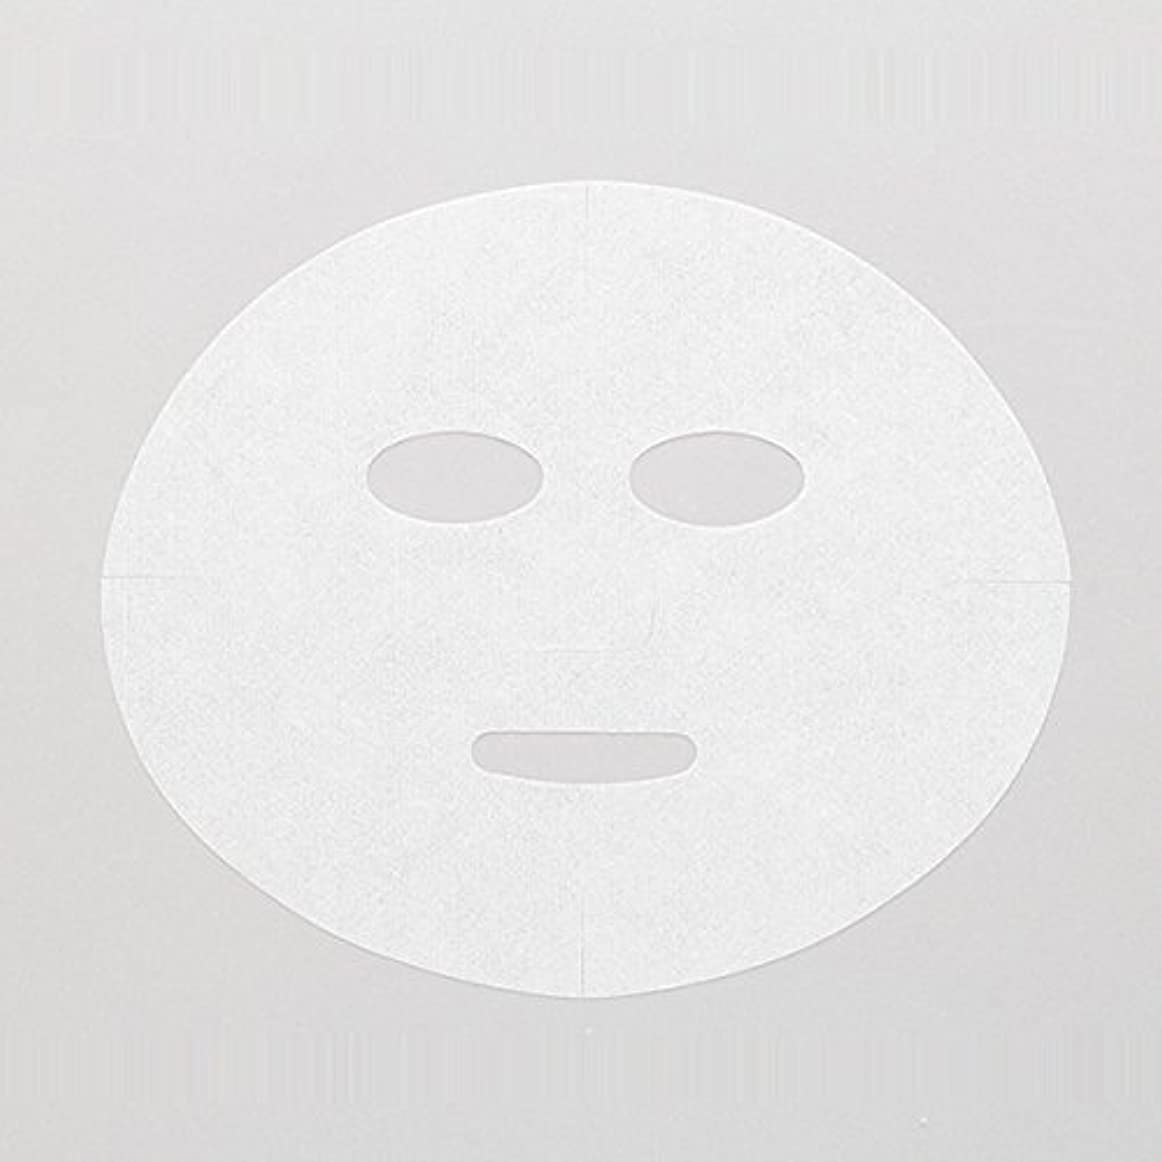 印刷する引っ張る文庫本高保水 フェイシャルシート (マスクタイプ 化粧水無) 80枚 24×20cm [ フェイスマスク フェイスシート フェイスパック フェイシャルマスク シートマスク フェイシャルシート フェイシャルパック ローションマスク...